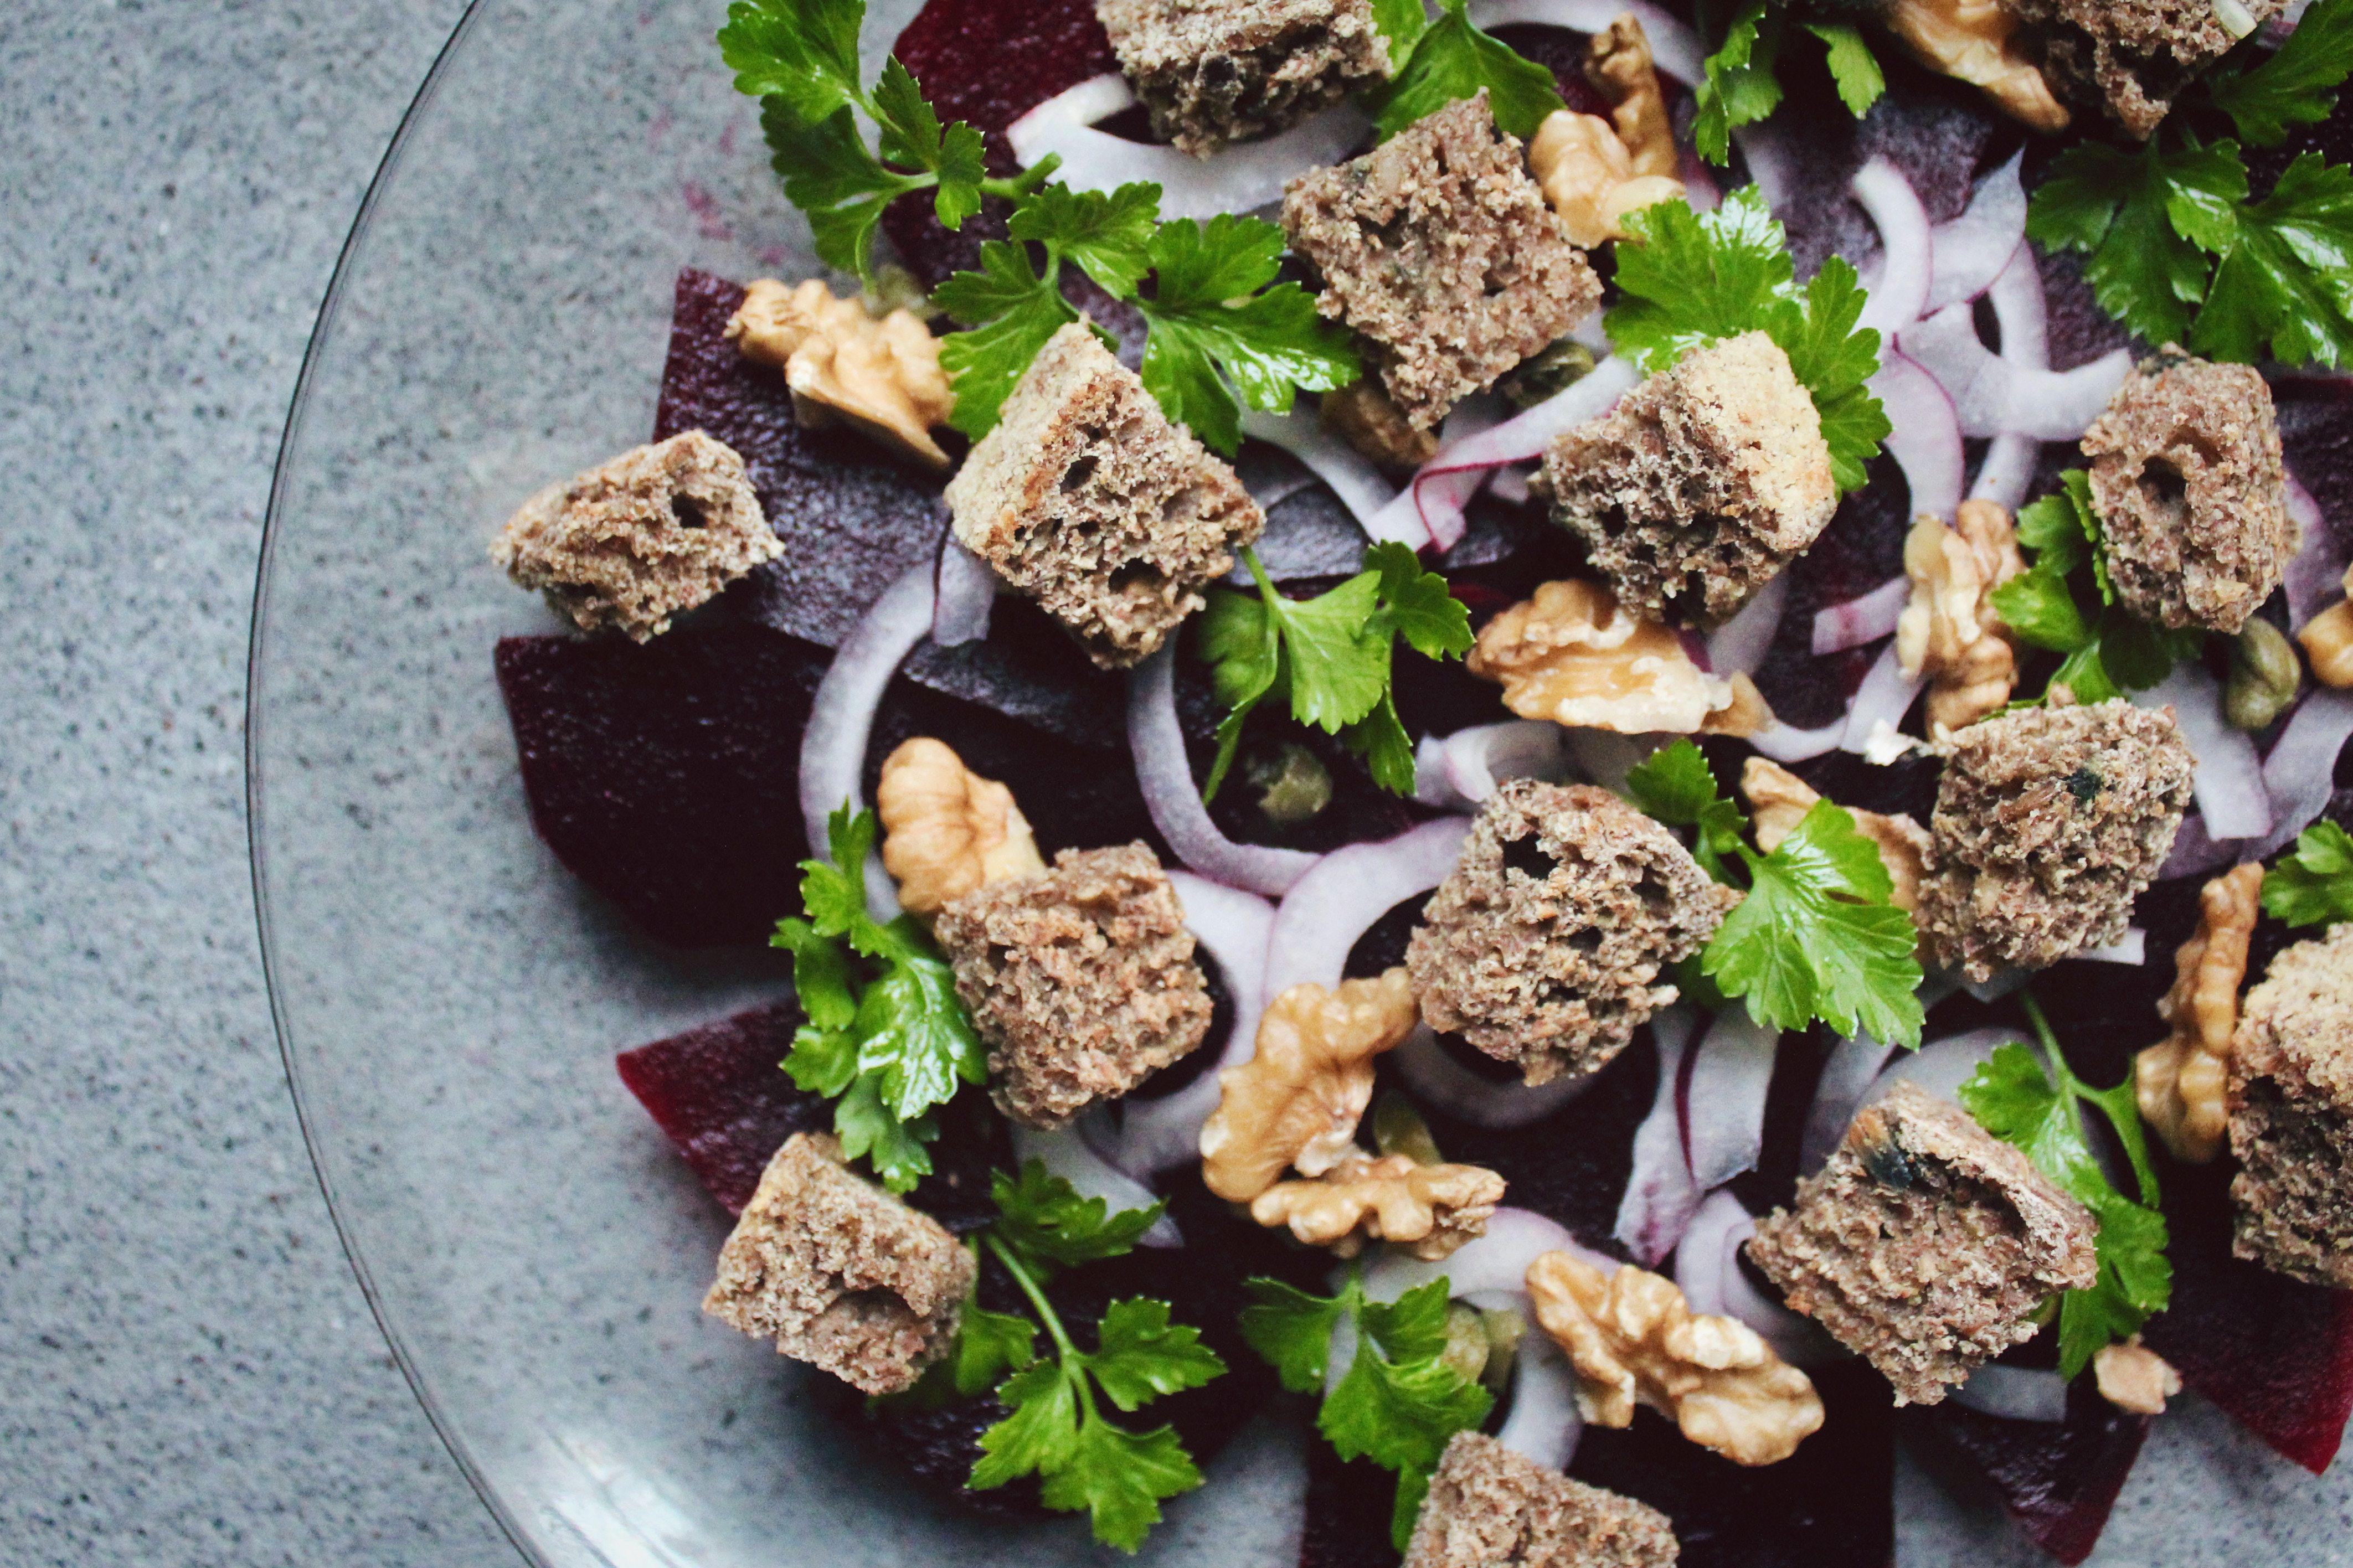 dieta ricca di fibre per dimagrire